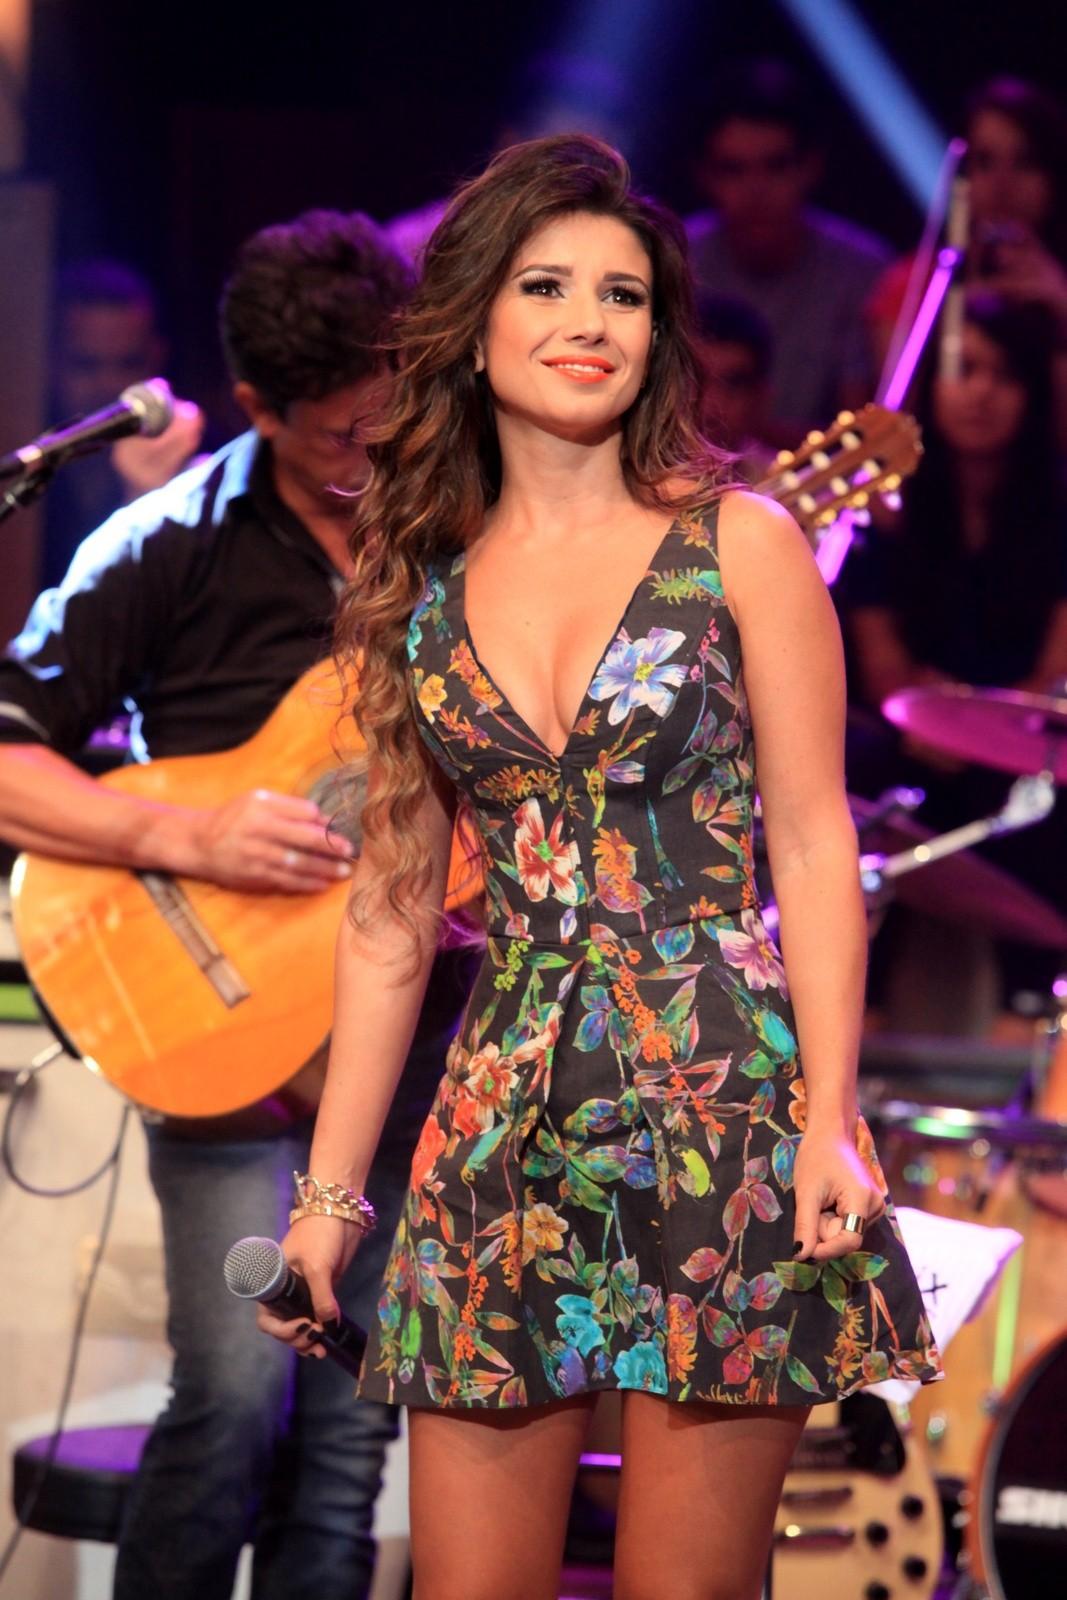 e4d149761 Paula Fernandes participa do 'Altas Horas' com look decotado - Quem ...